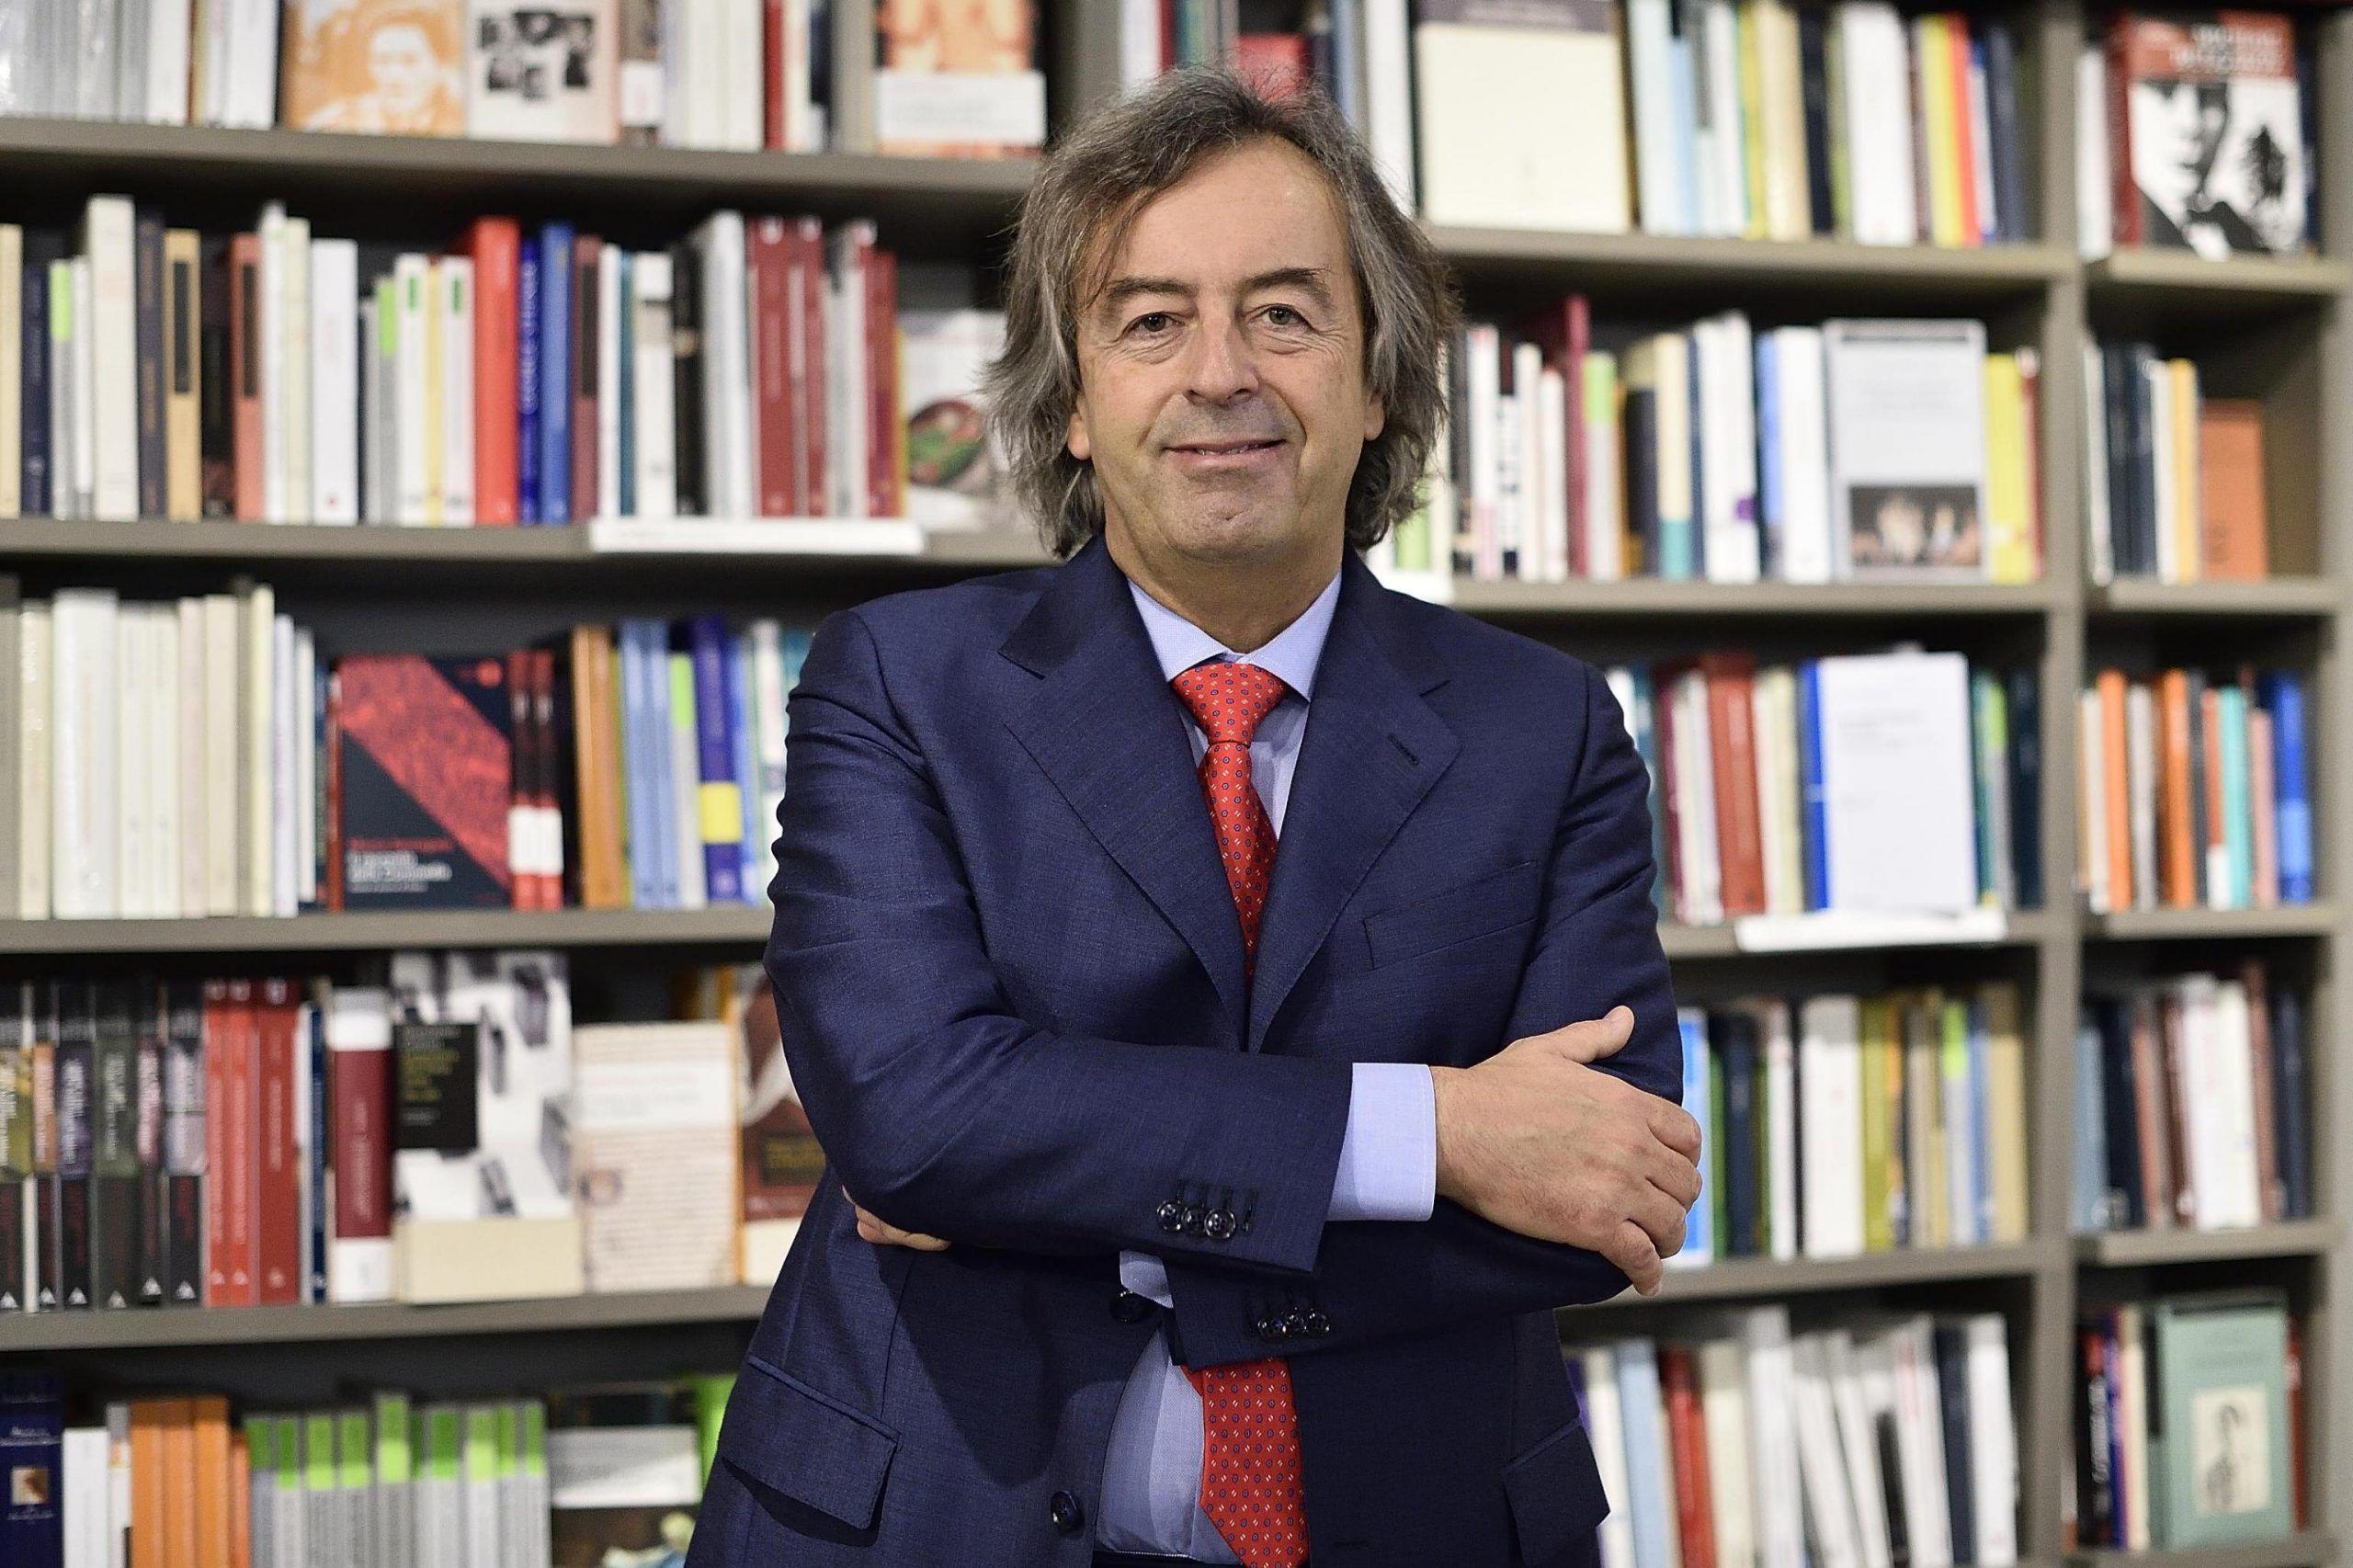 Vaccini, Burioni contro Grillo: 'Obbligo flessibile è come allacciare la cintura dopo l'incidente'